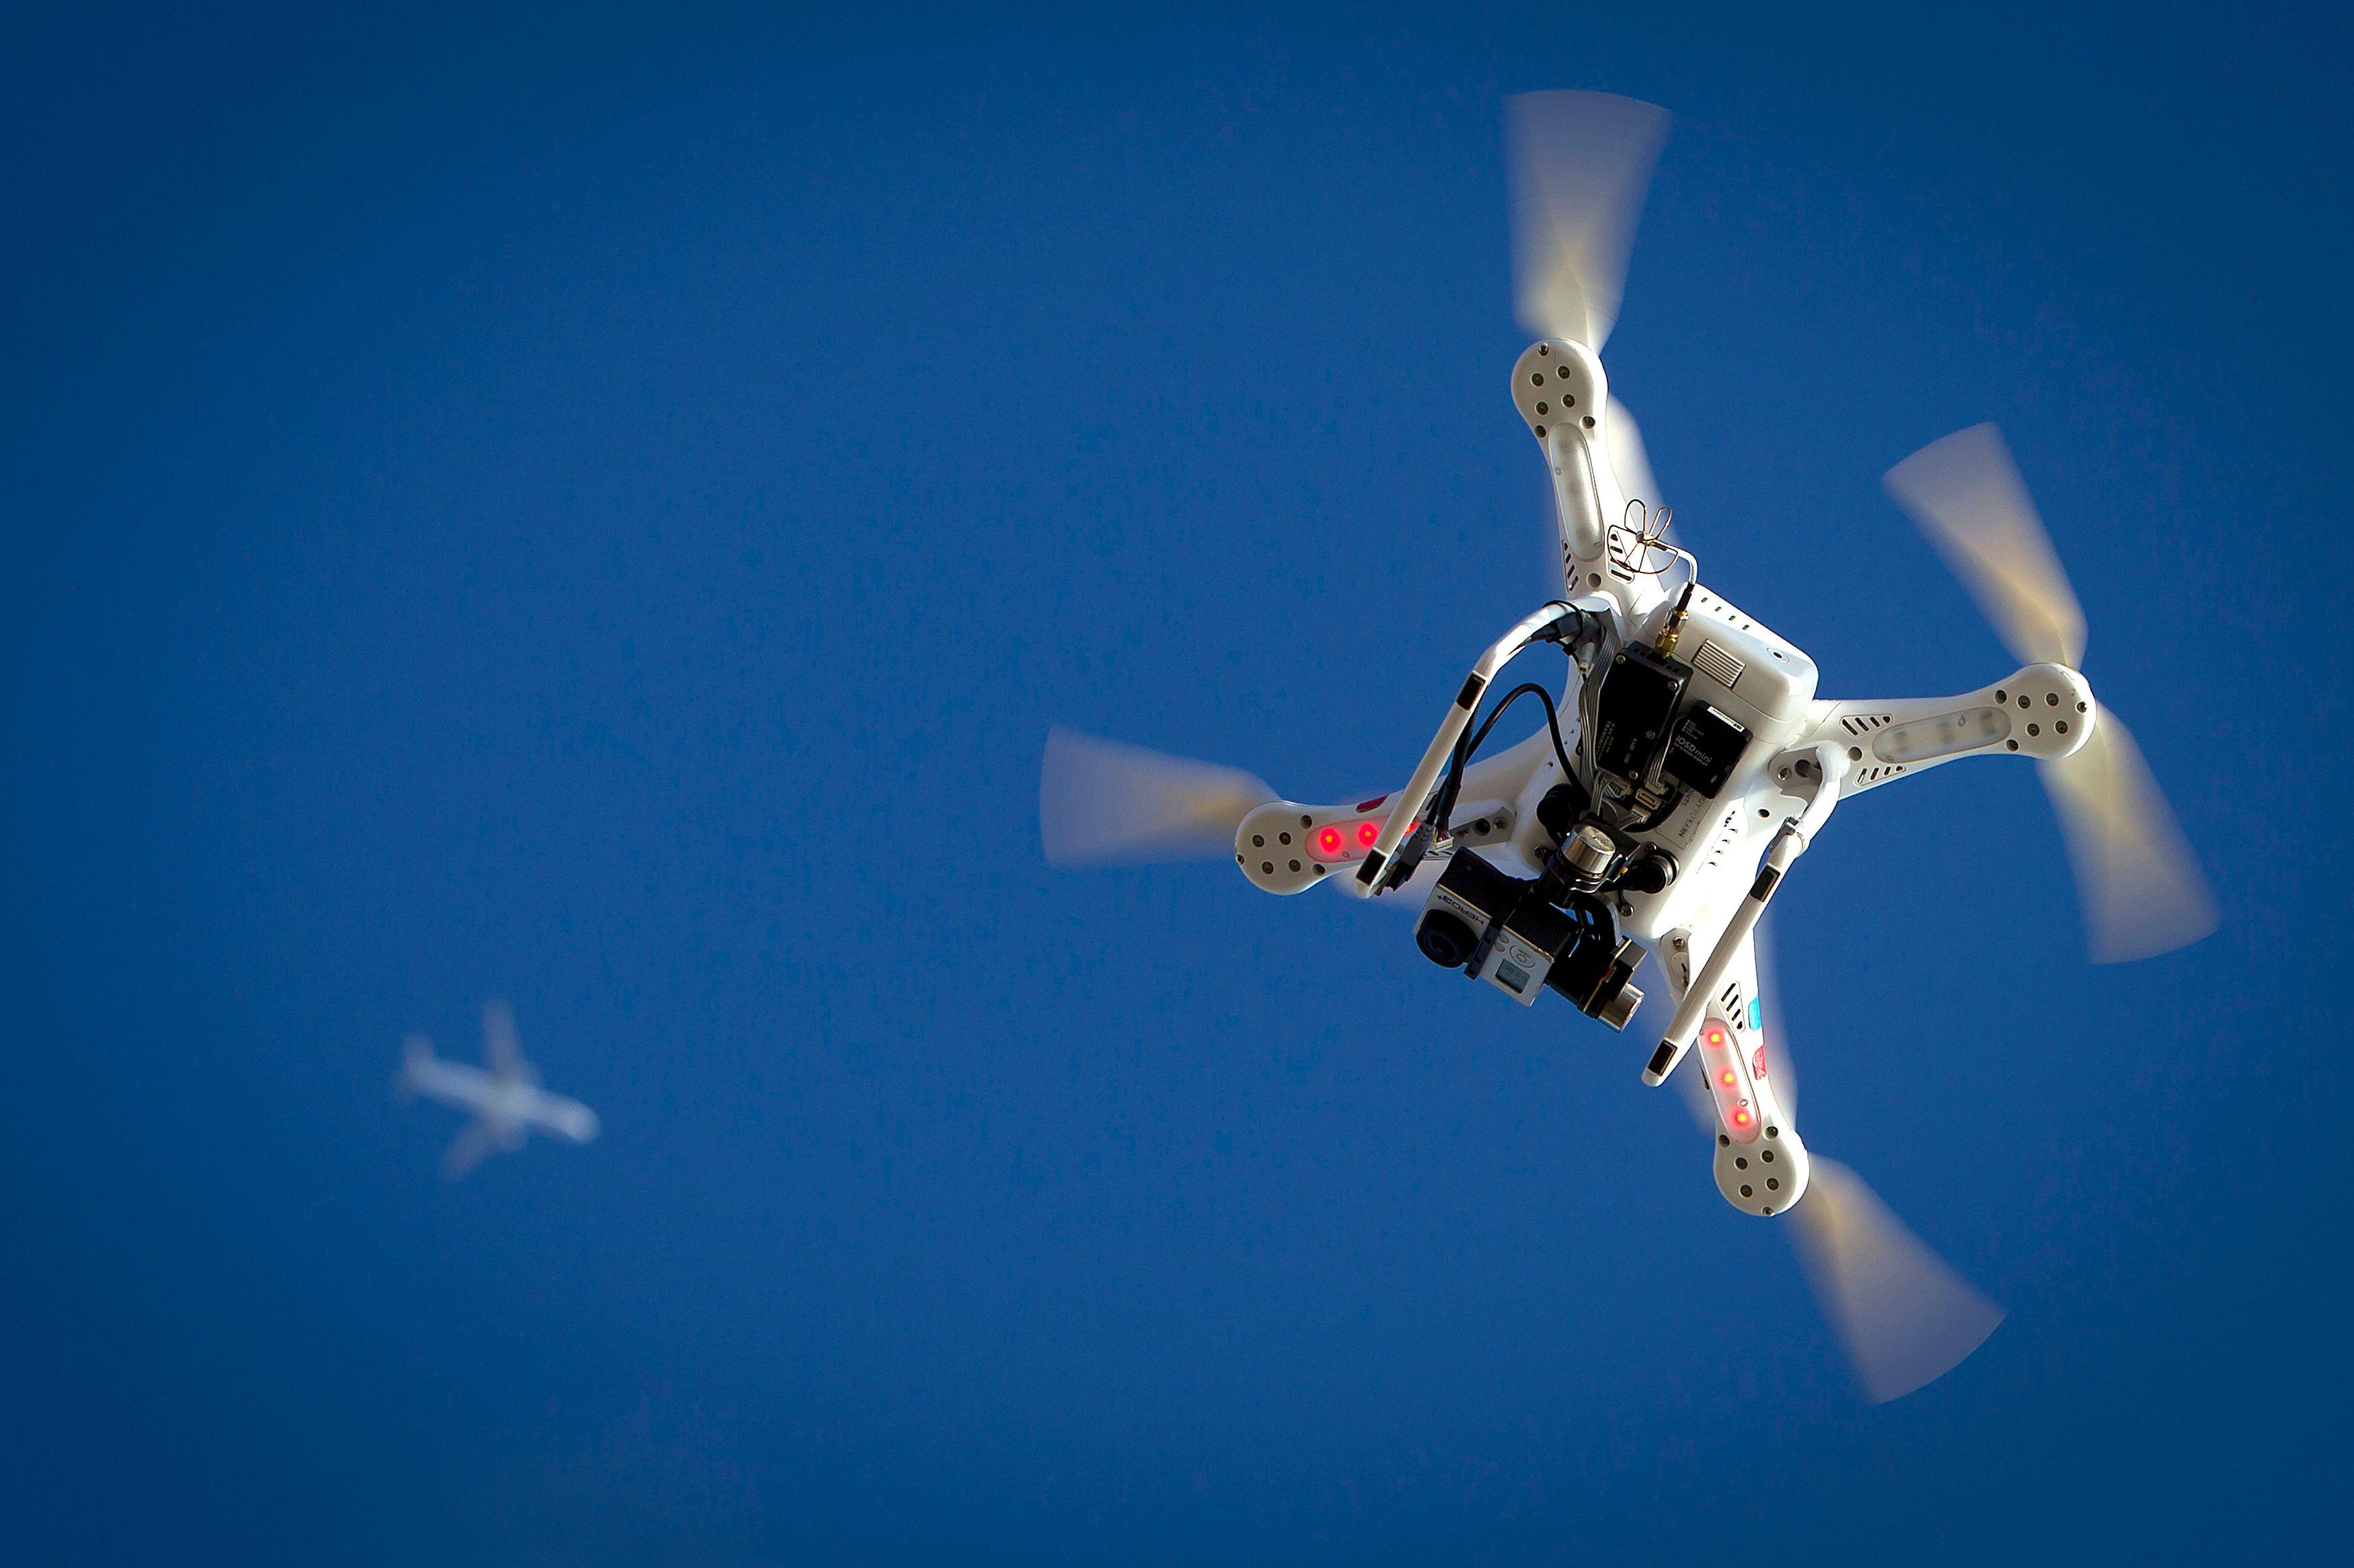 Paris : les drones auront droit de vol une fois par mois